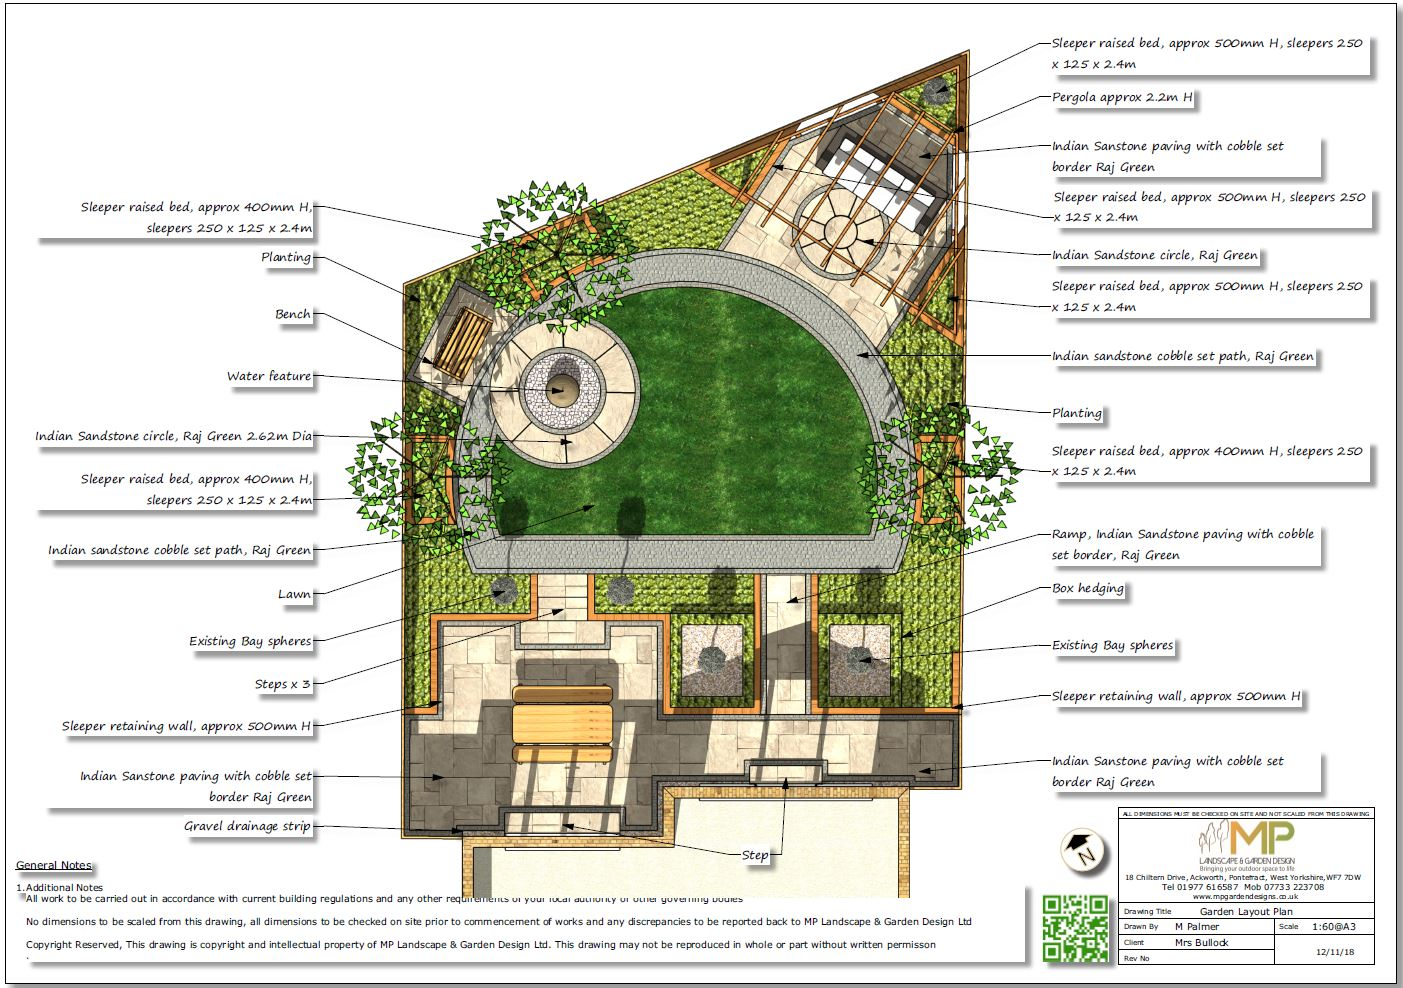 Garden design layout plan for a rear garden in Mexborough.